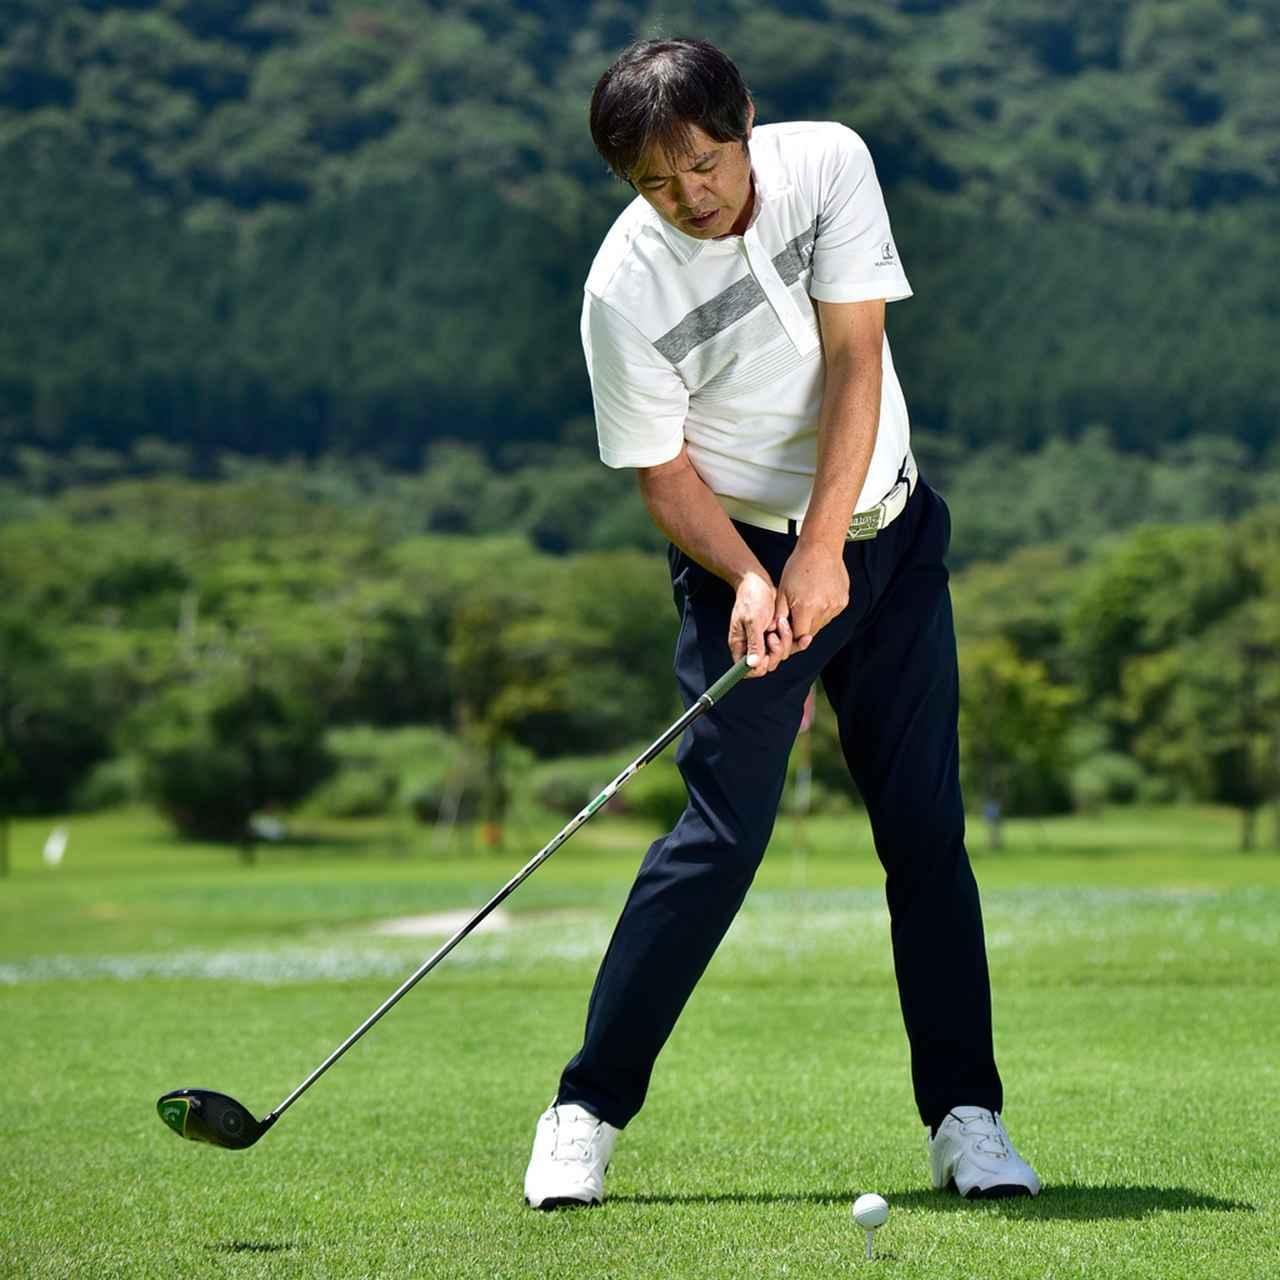 画像: 「ゆるやかな入射角からヘッドを低く長く動かすインパクトでボールを押していく。左腕を引き付けることでインパクト後は自然にアッパー軌道に」